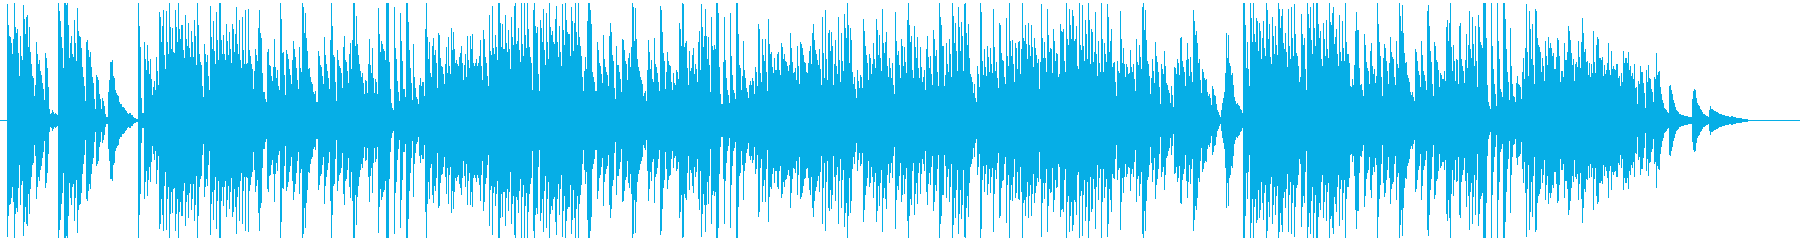 シンプル!わくわくファンシーなピアノ曲の再生済みの波形